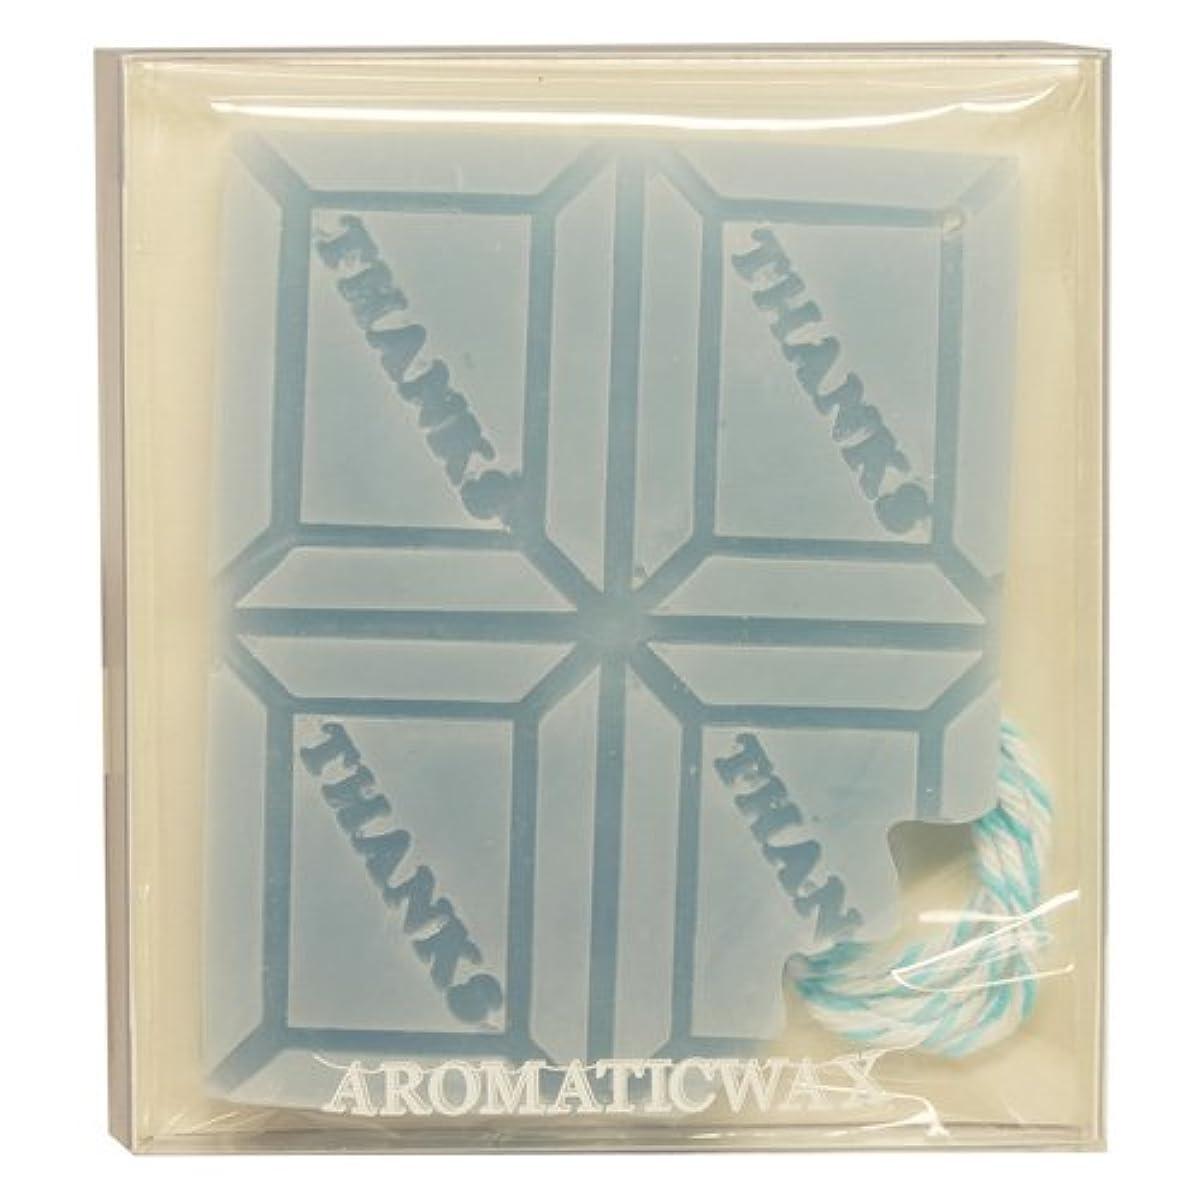 希少性安全性クロニクルGRASSE TOKYO AROMATICWAXチャーム「板チョコ(THANKS)」(BL) ローズマリー アロマティックワックス グラーストウキョウ